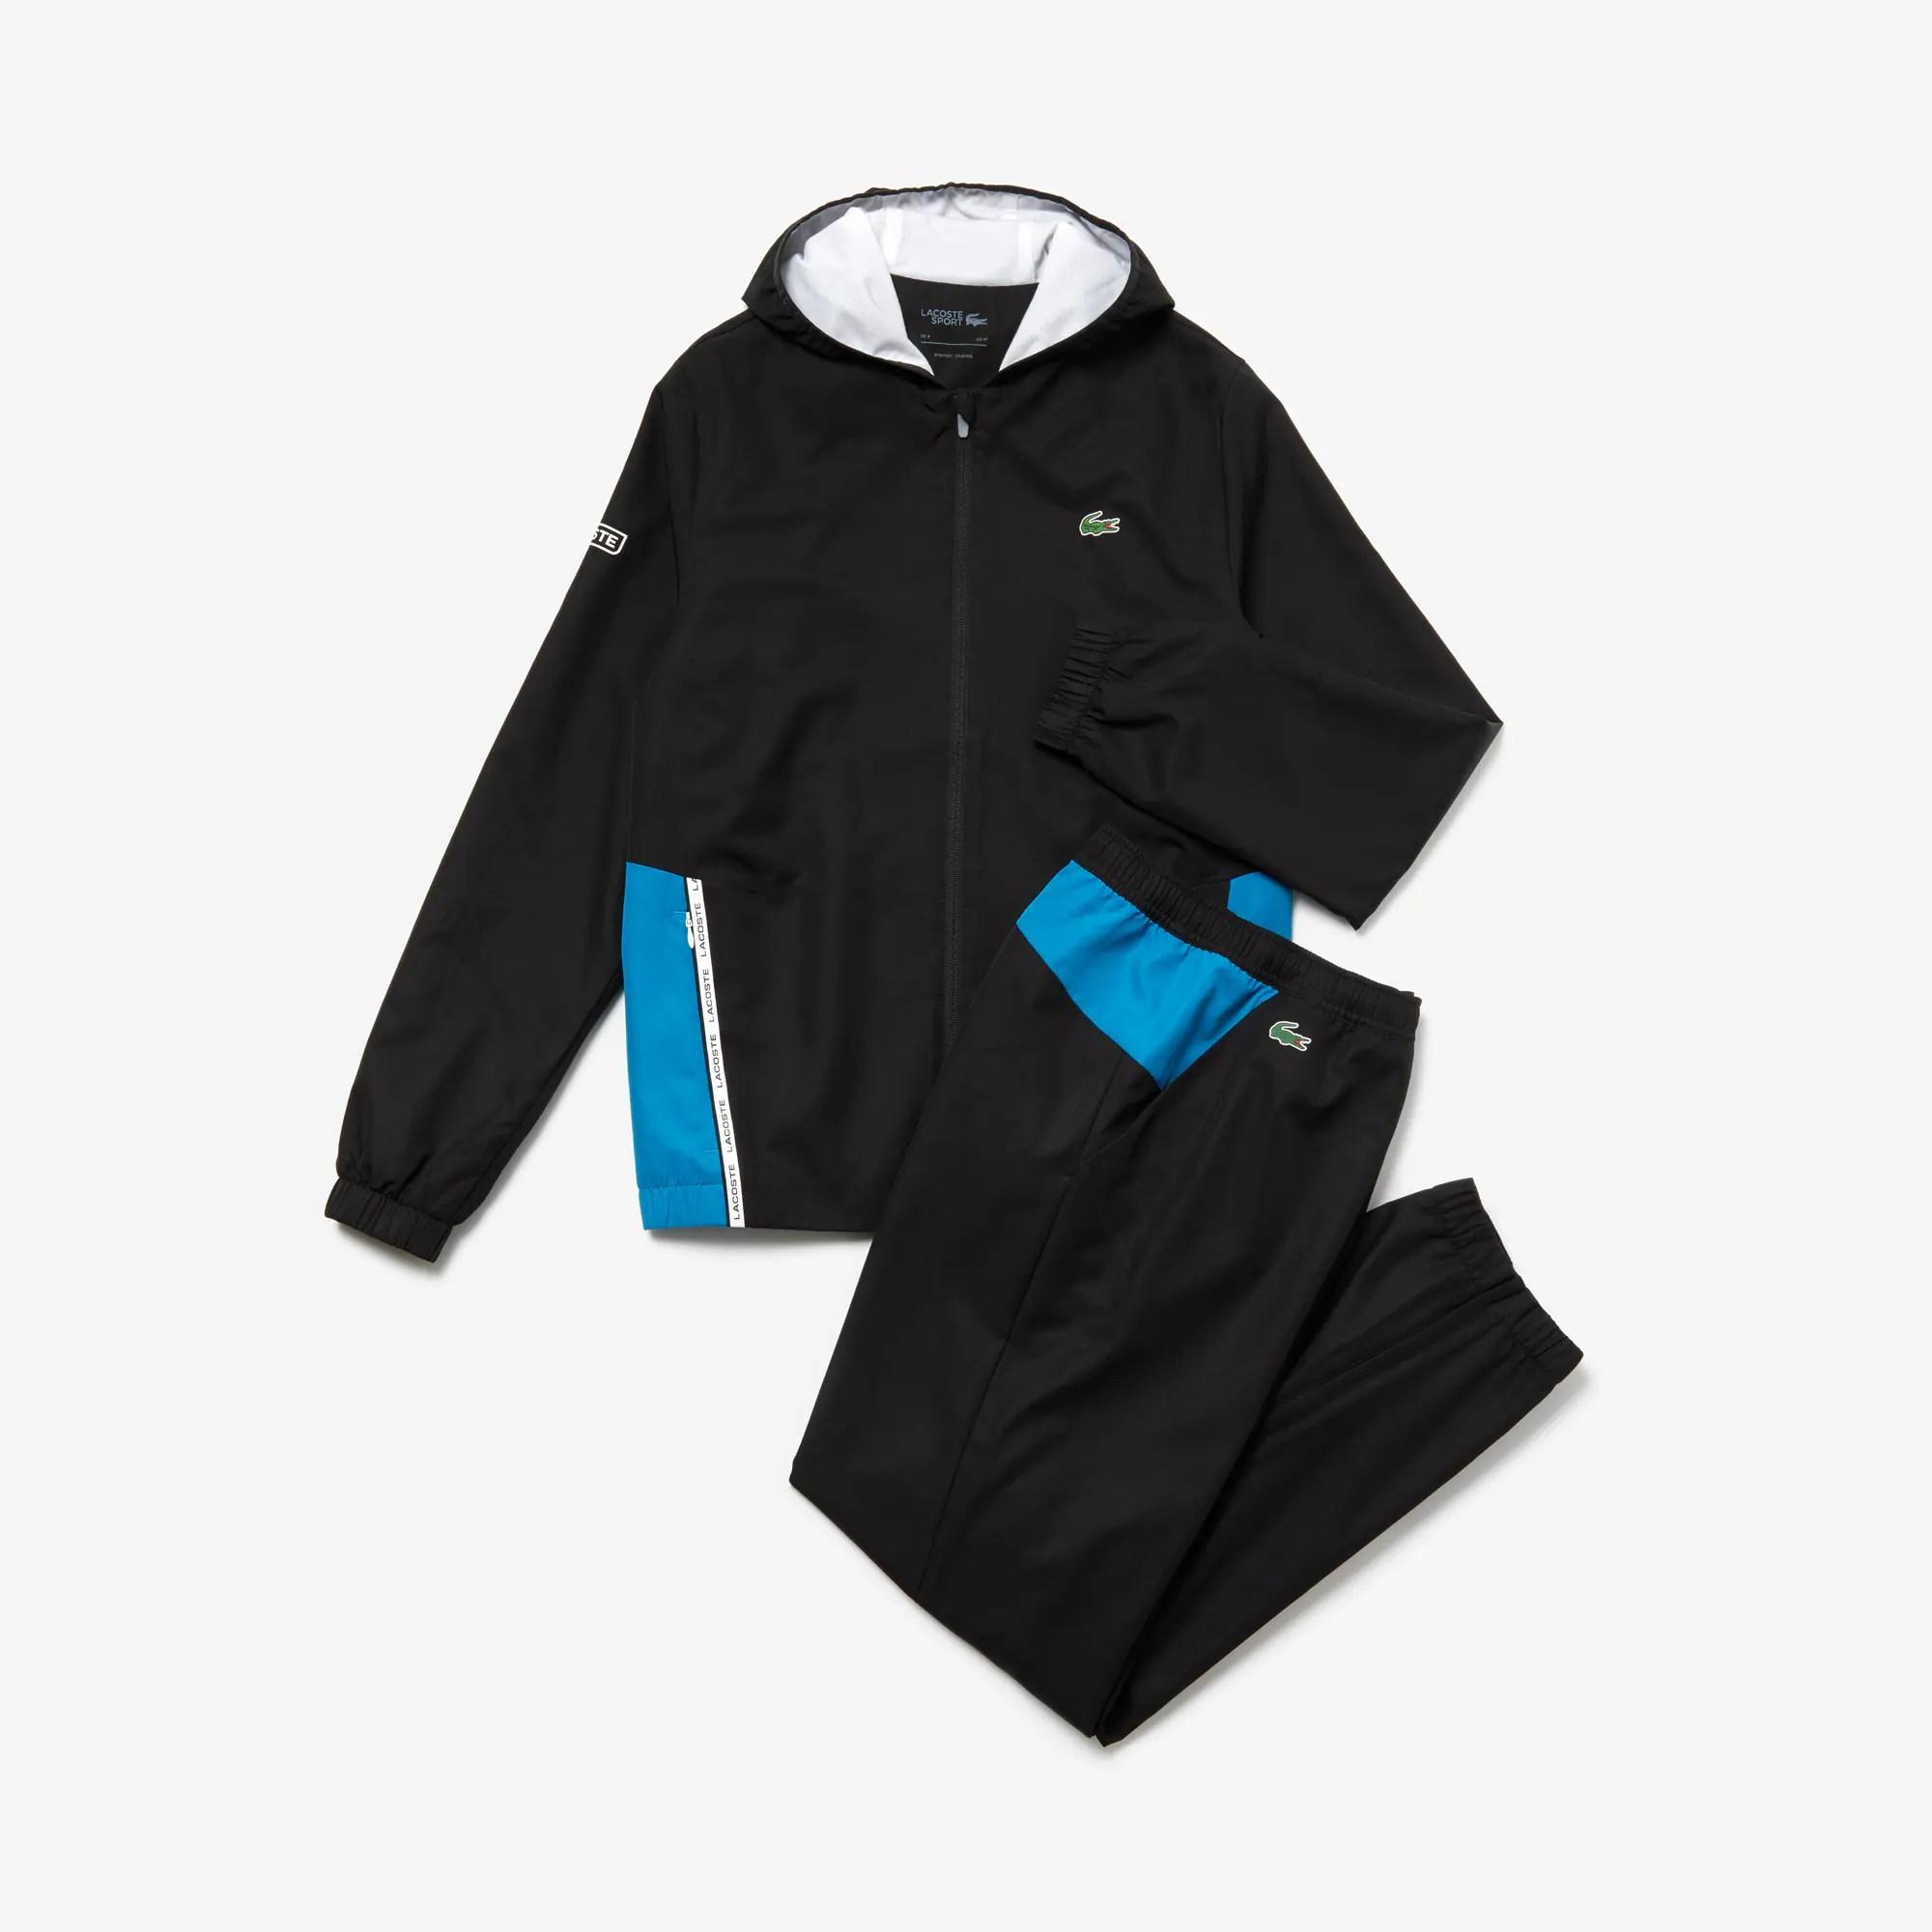 online retailer 88f55 11d84 Lacoste Trainingsanzug Schwarz Weiß